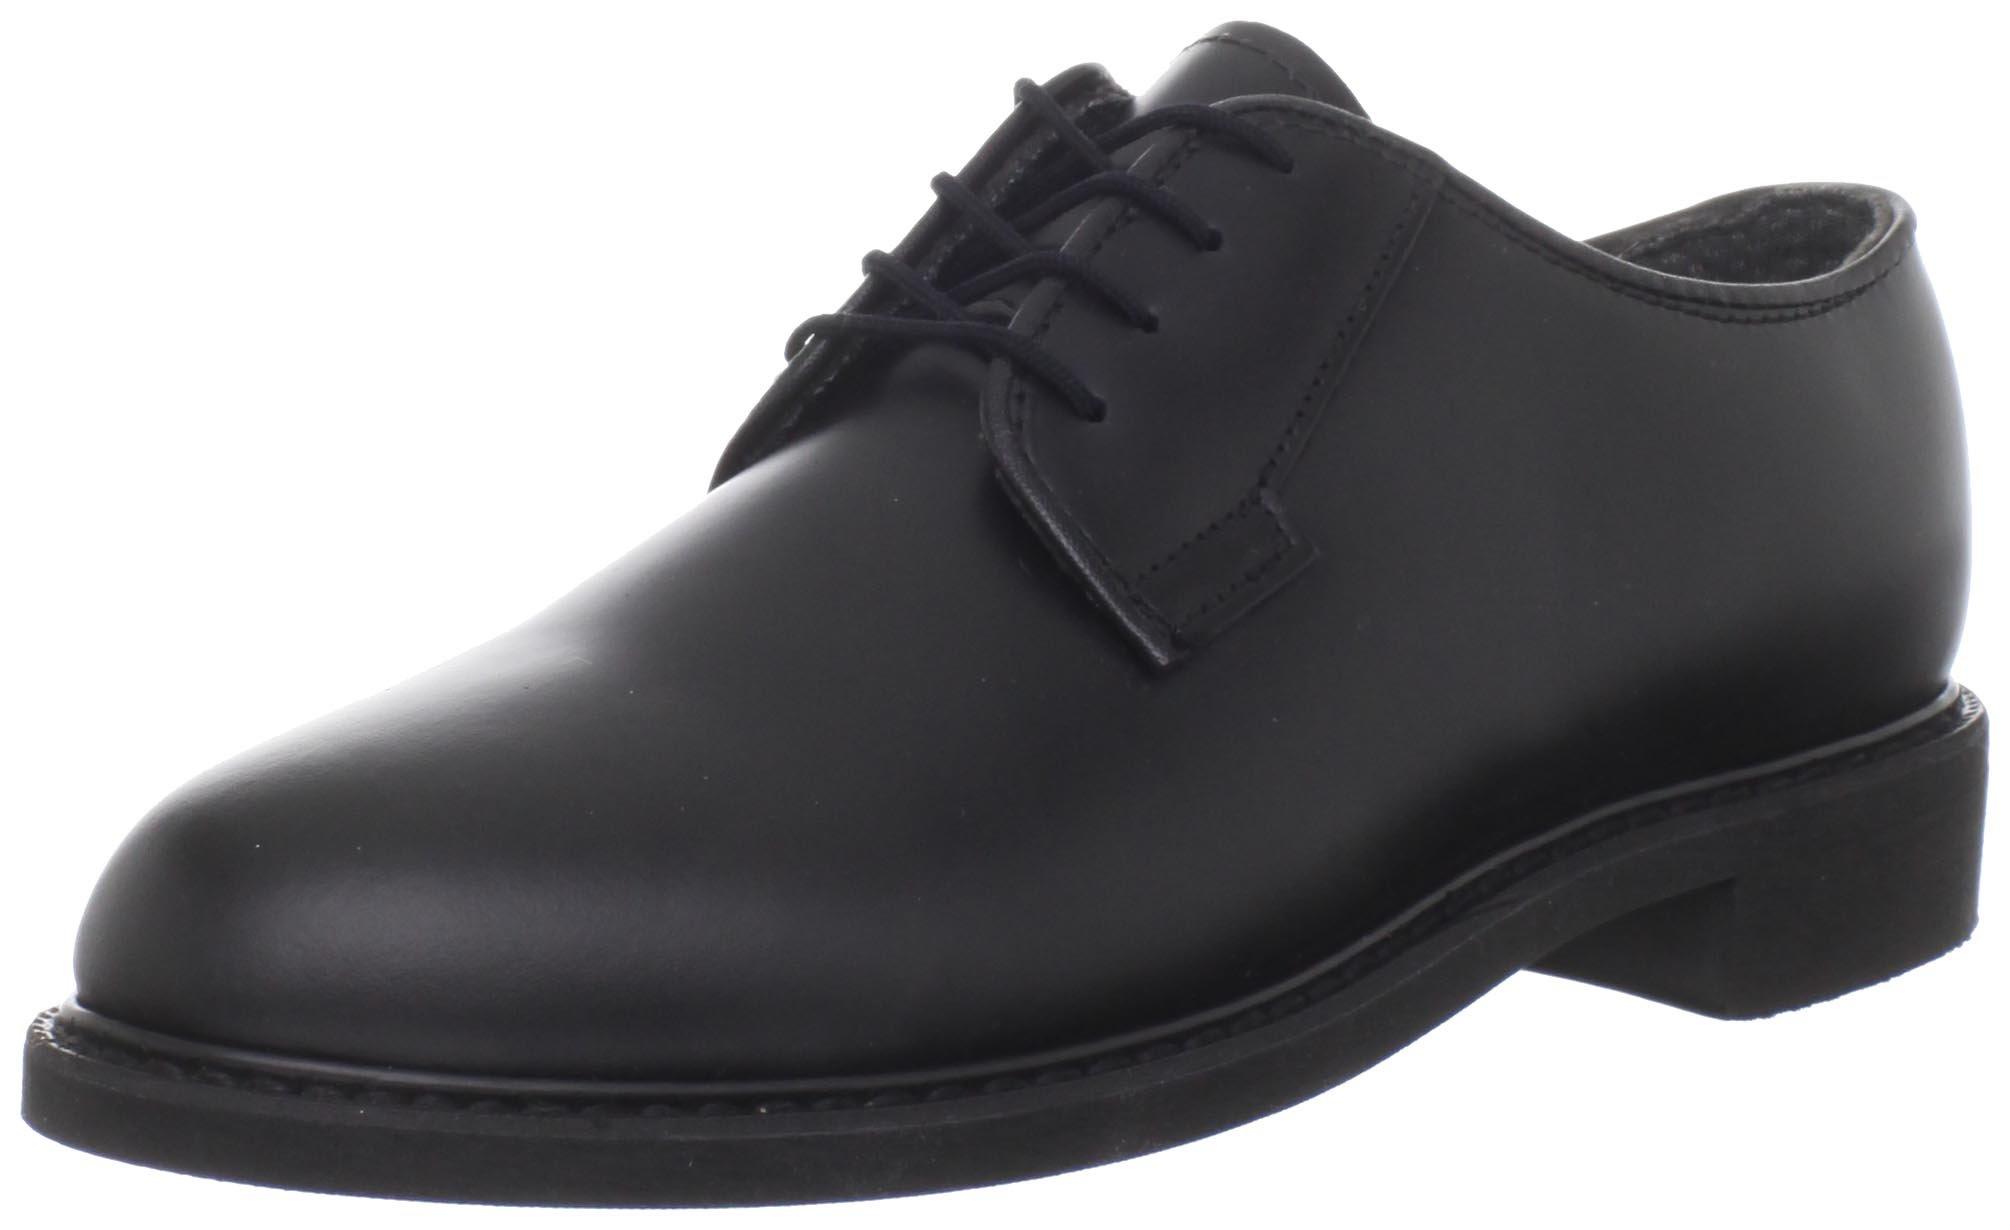 Bates Women's Leather Uniform Shoe,Black,4 M US